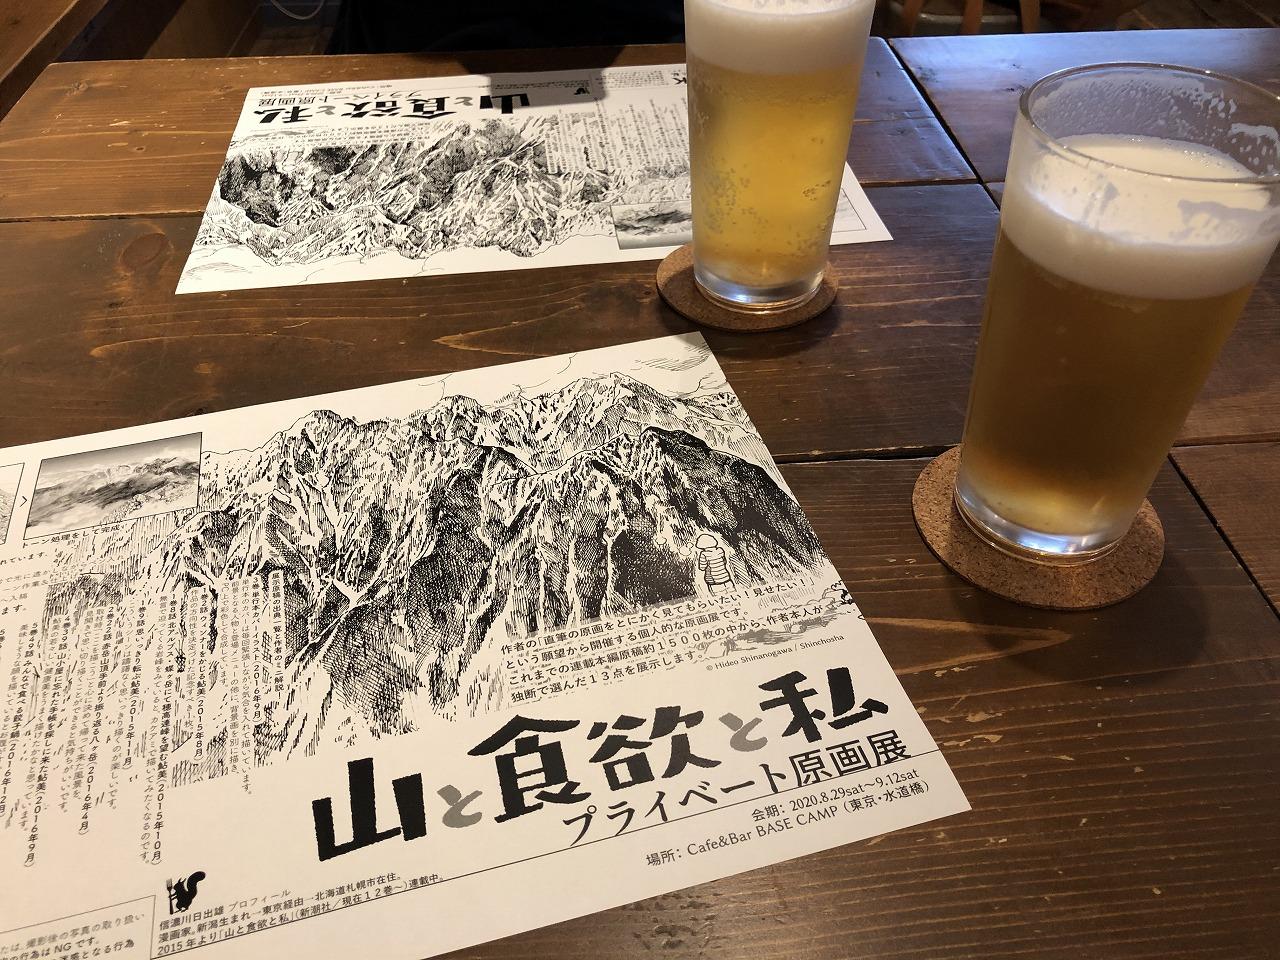 原画展withビール